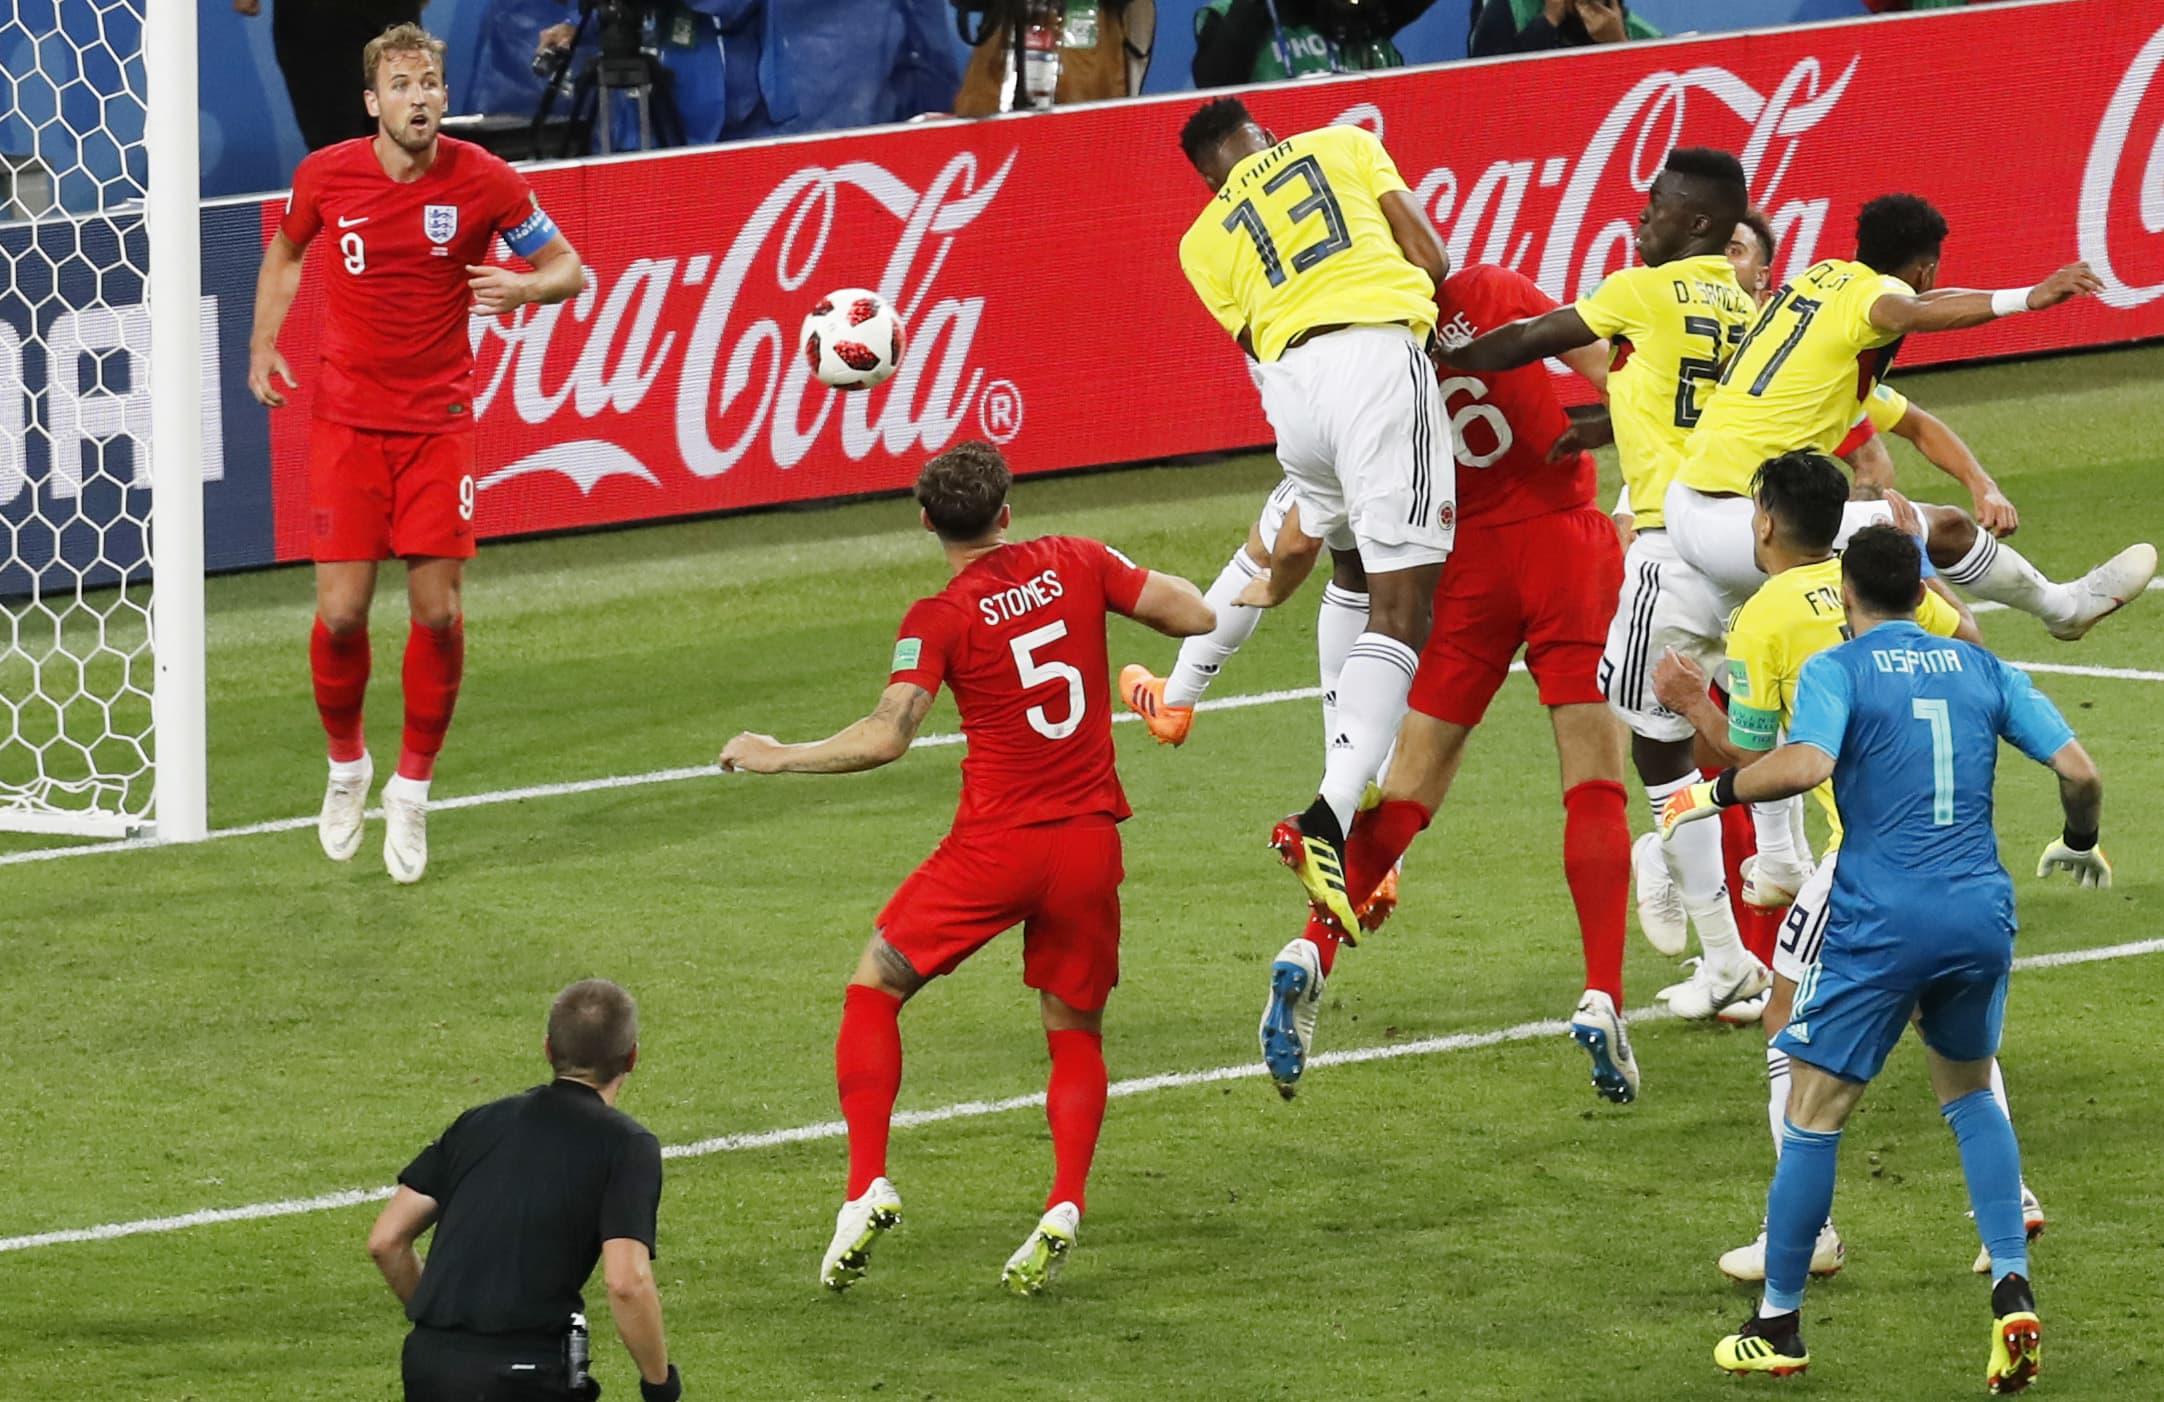 Englanti astui Minaan – Kolumbian maaliahne toppari puski pelin tasoihin ja jatko-otteluun